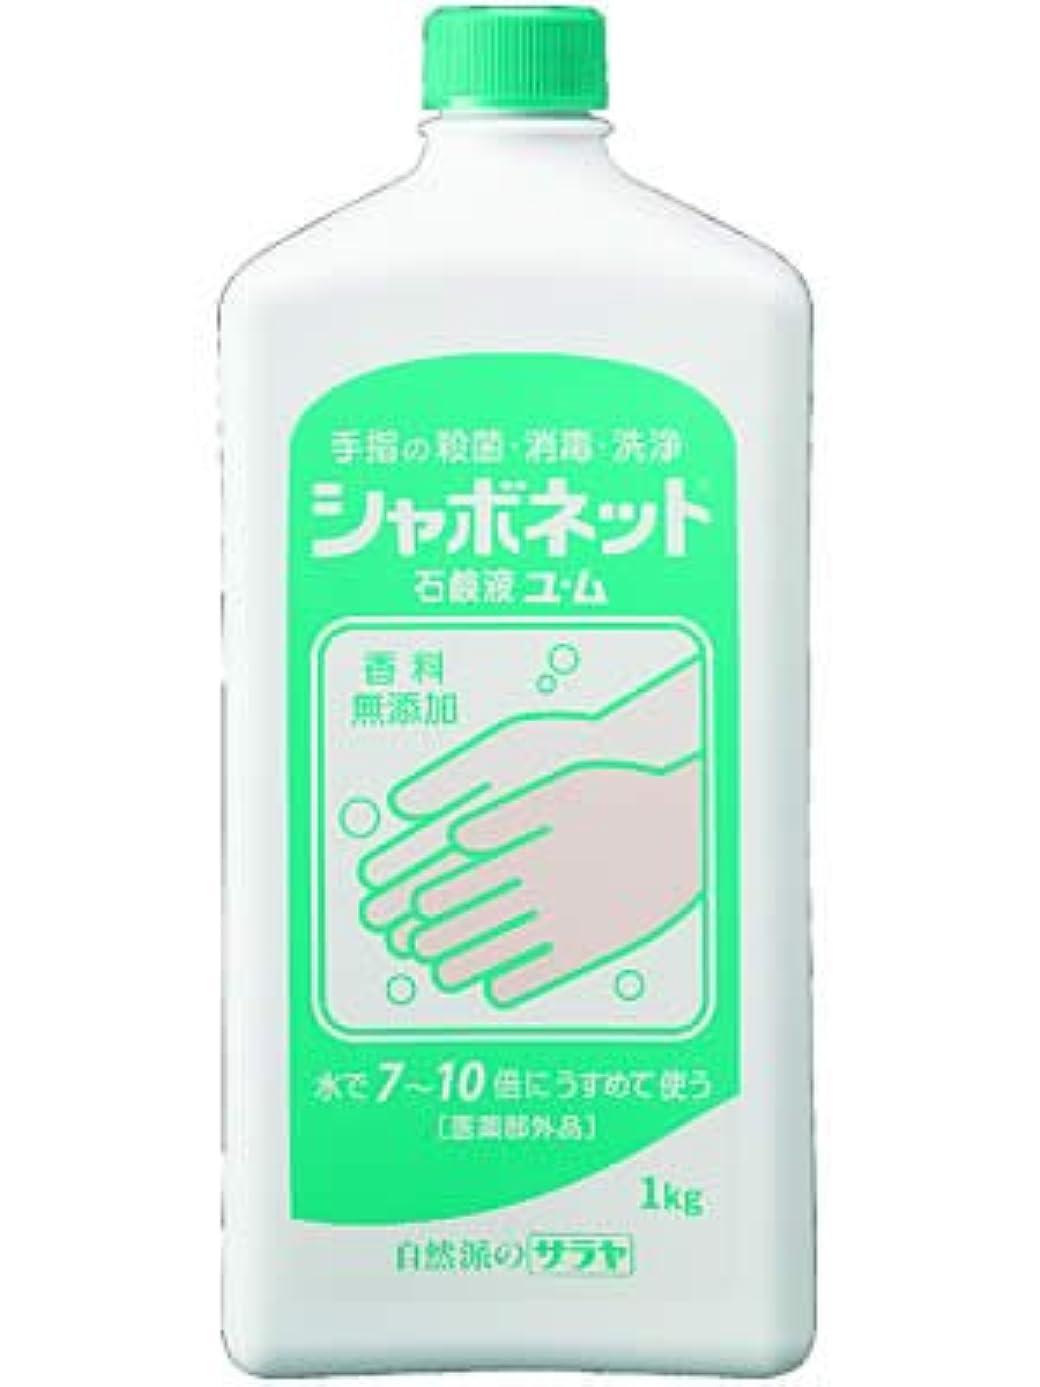 舌刺します貧しいシャボネット 石鹸液 ユ?ム 1kg ×8個セット